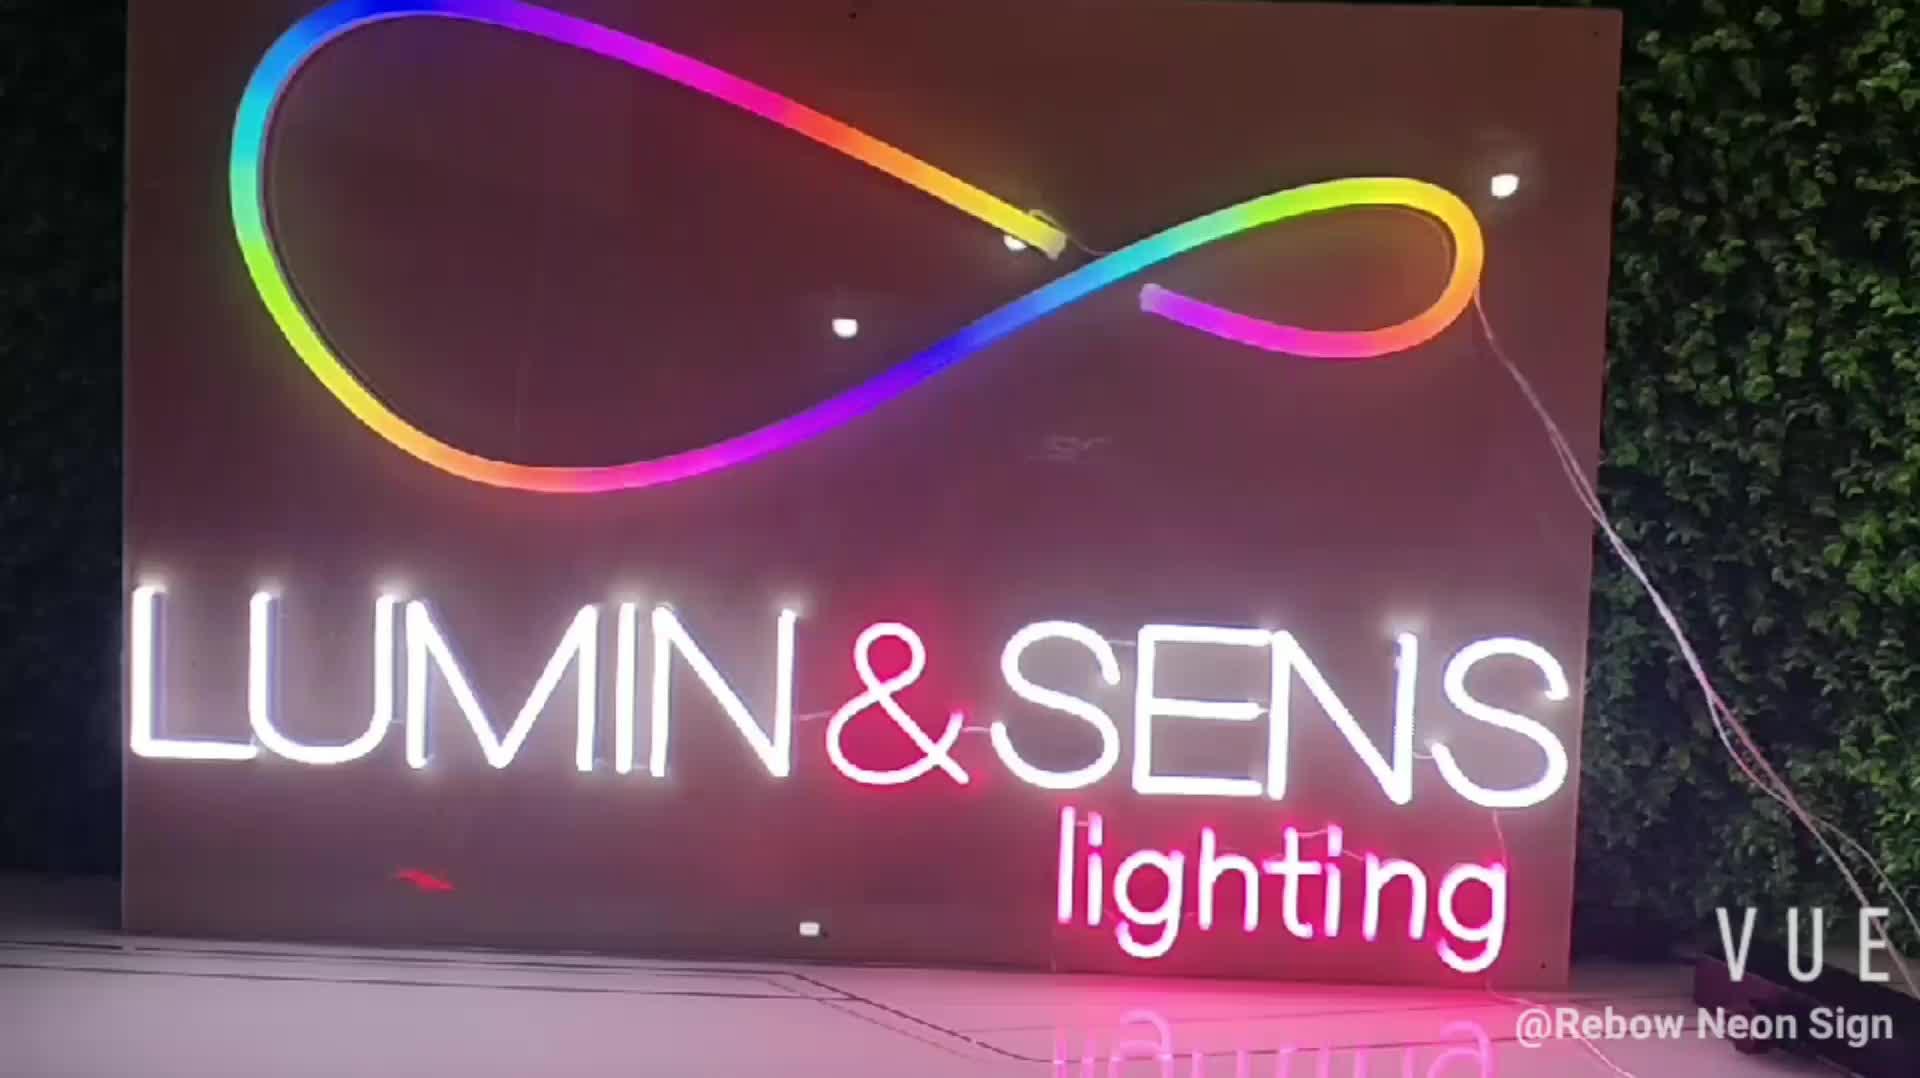 Hot bonito romântico nome personalizado levou neon sinal de luz para a decoração do casamento